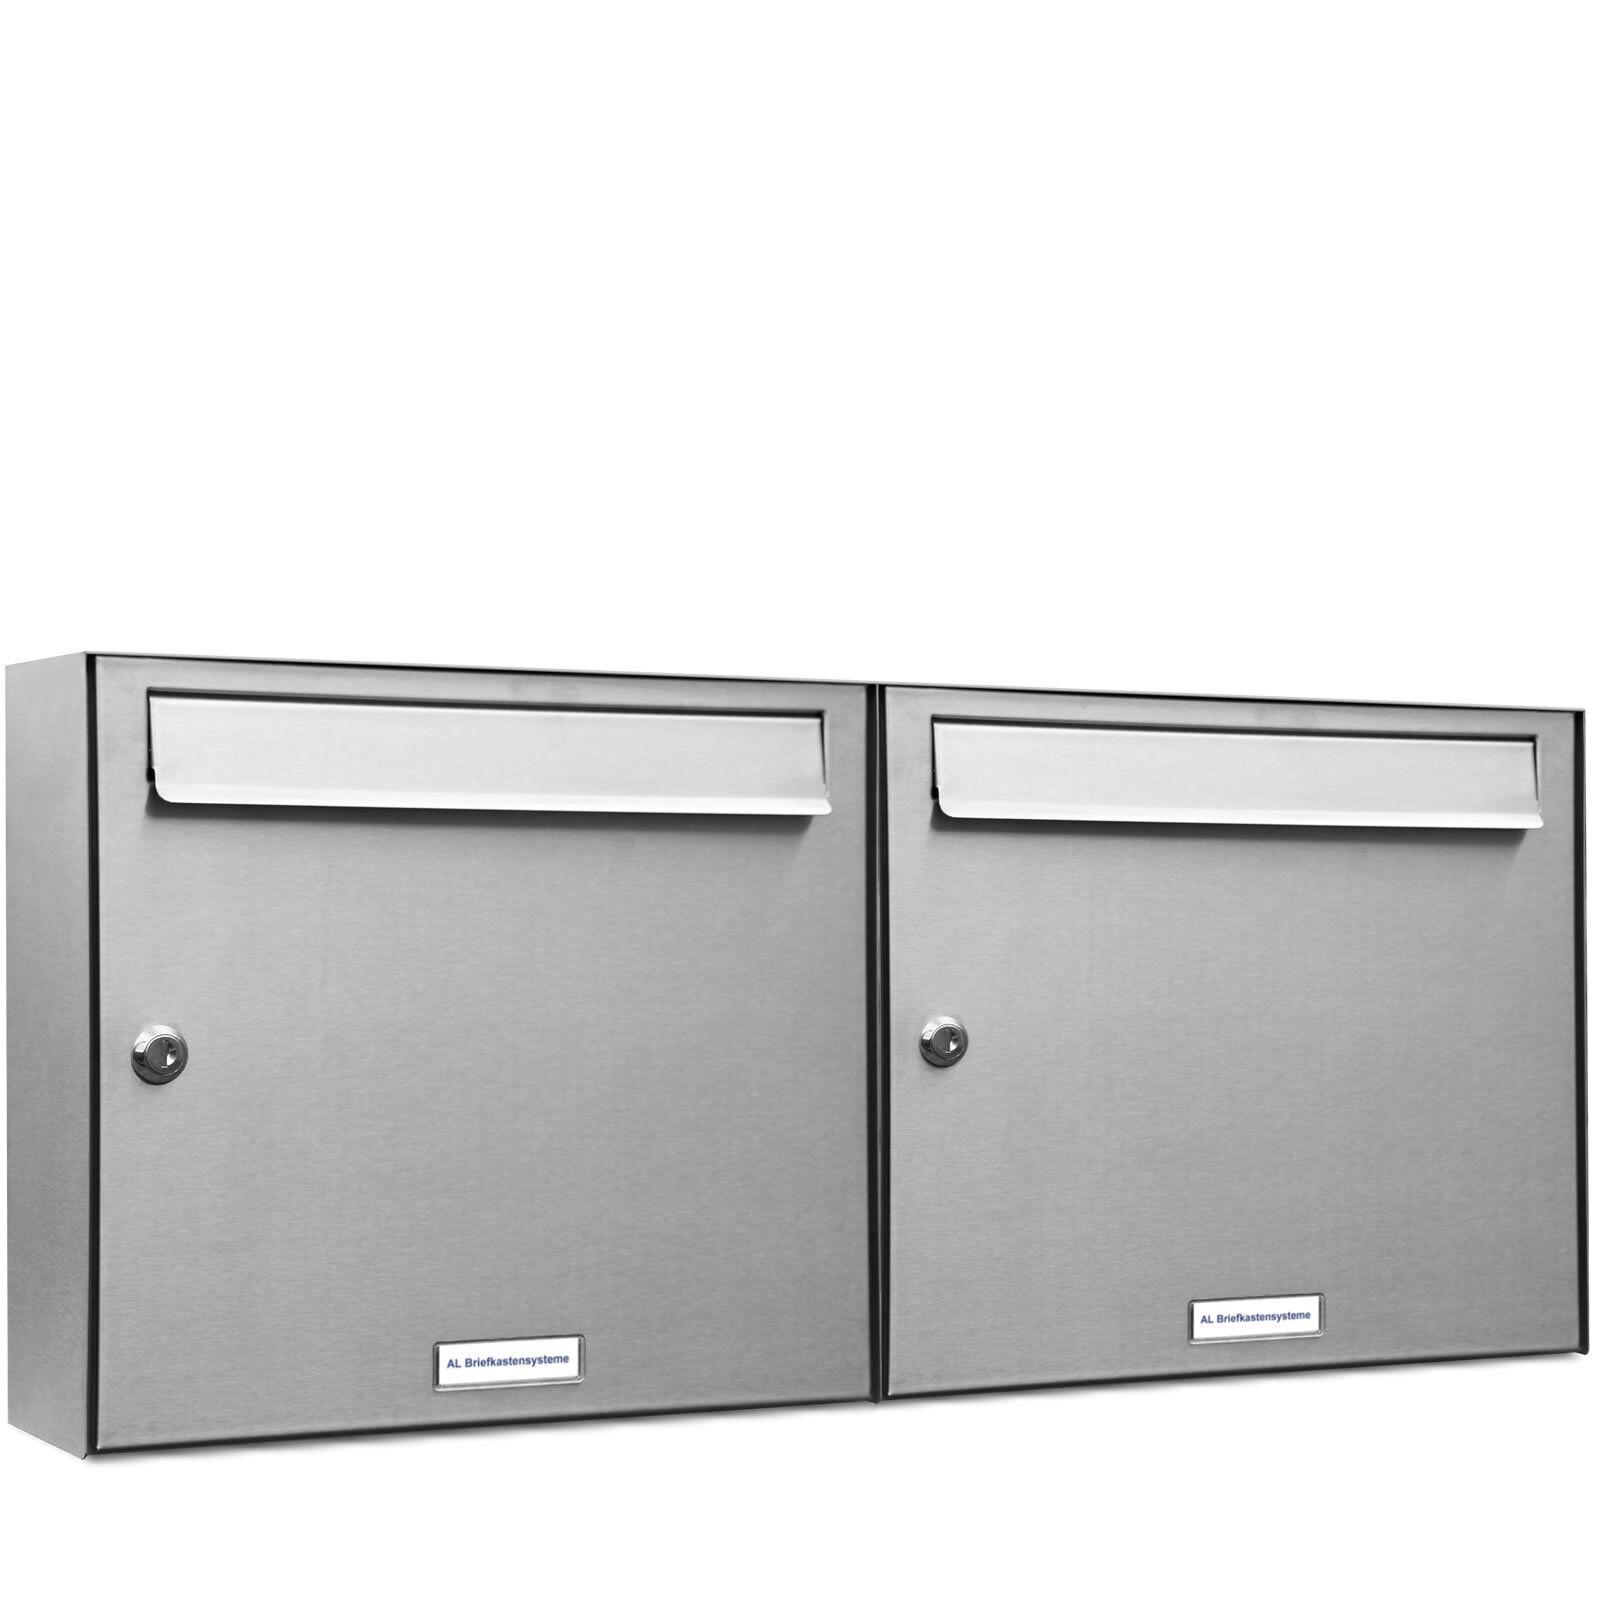 2 er Premium Edelstahl Wand Briefkasten Anlage A4 Postkasten Fach Anordng. 2x1